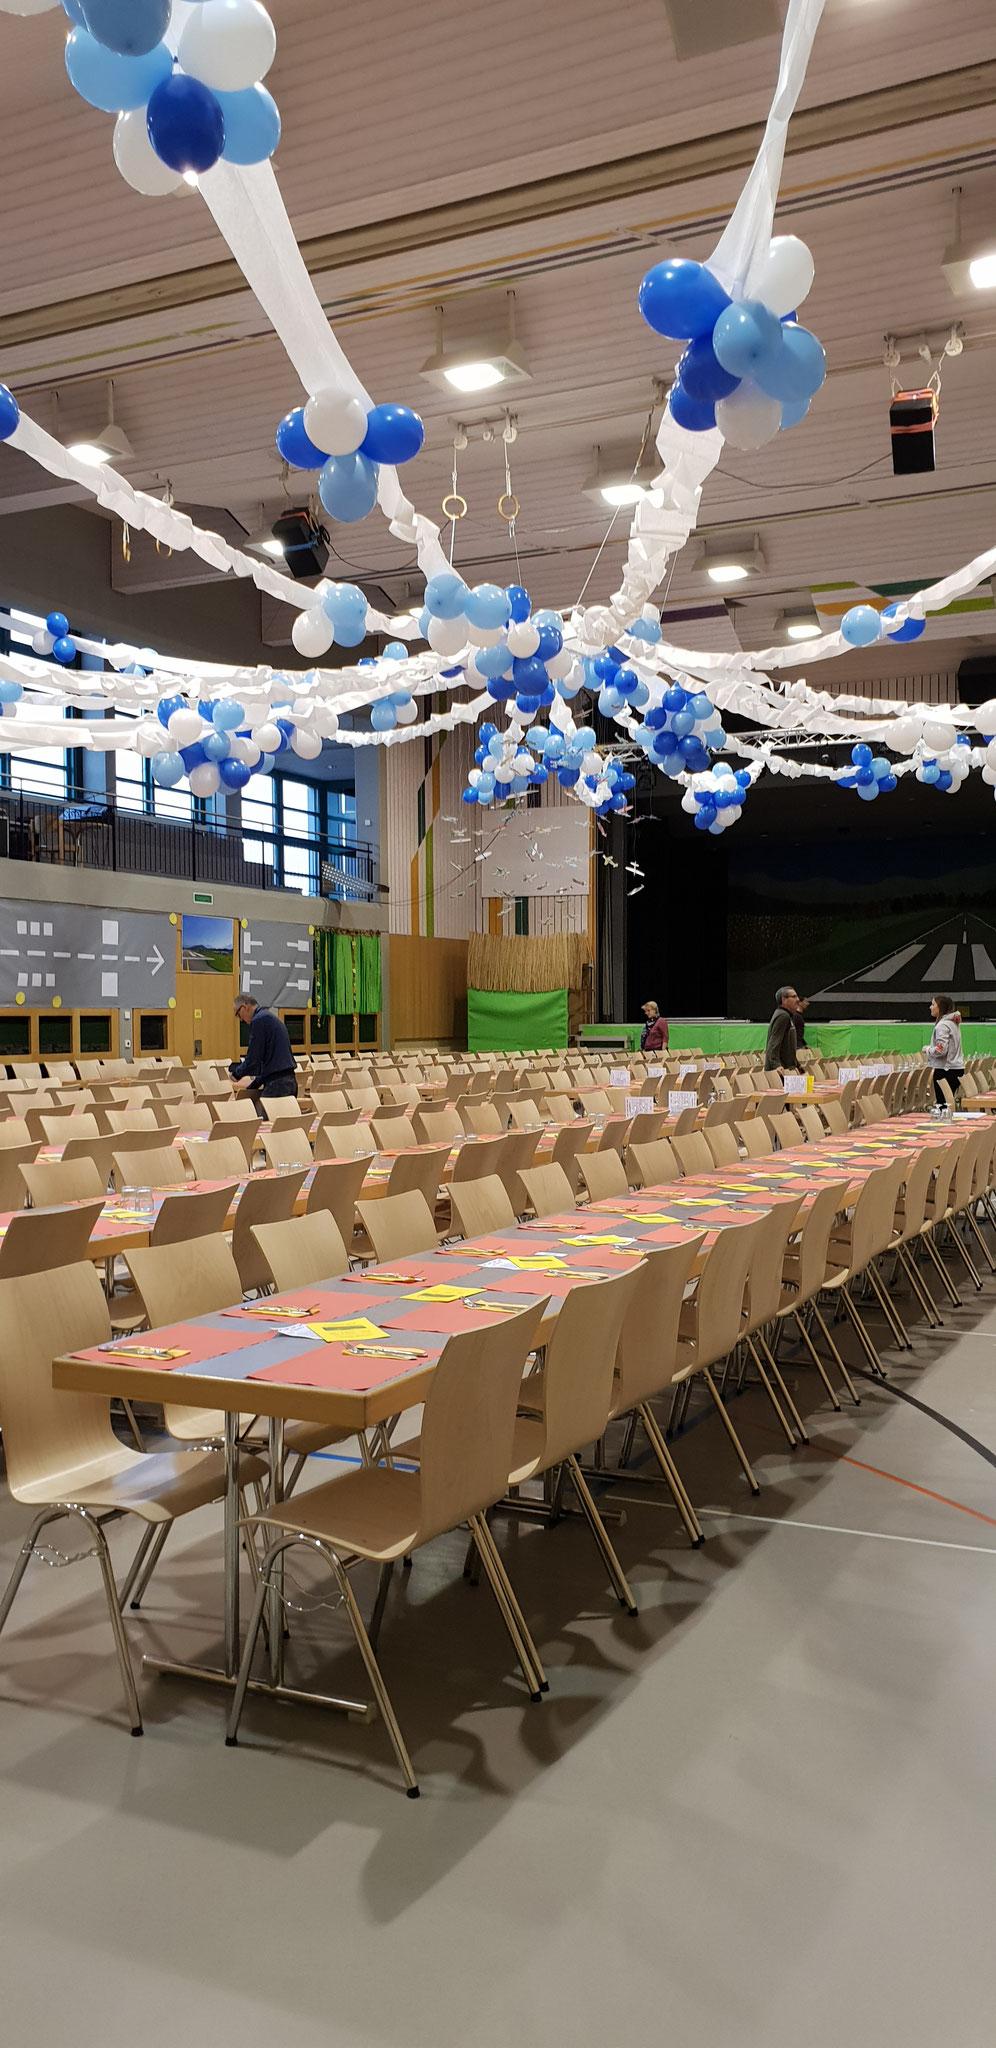 Die Halle ist dekoriert